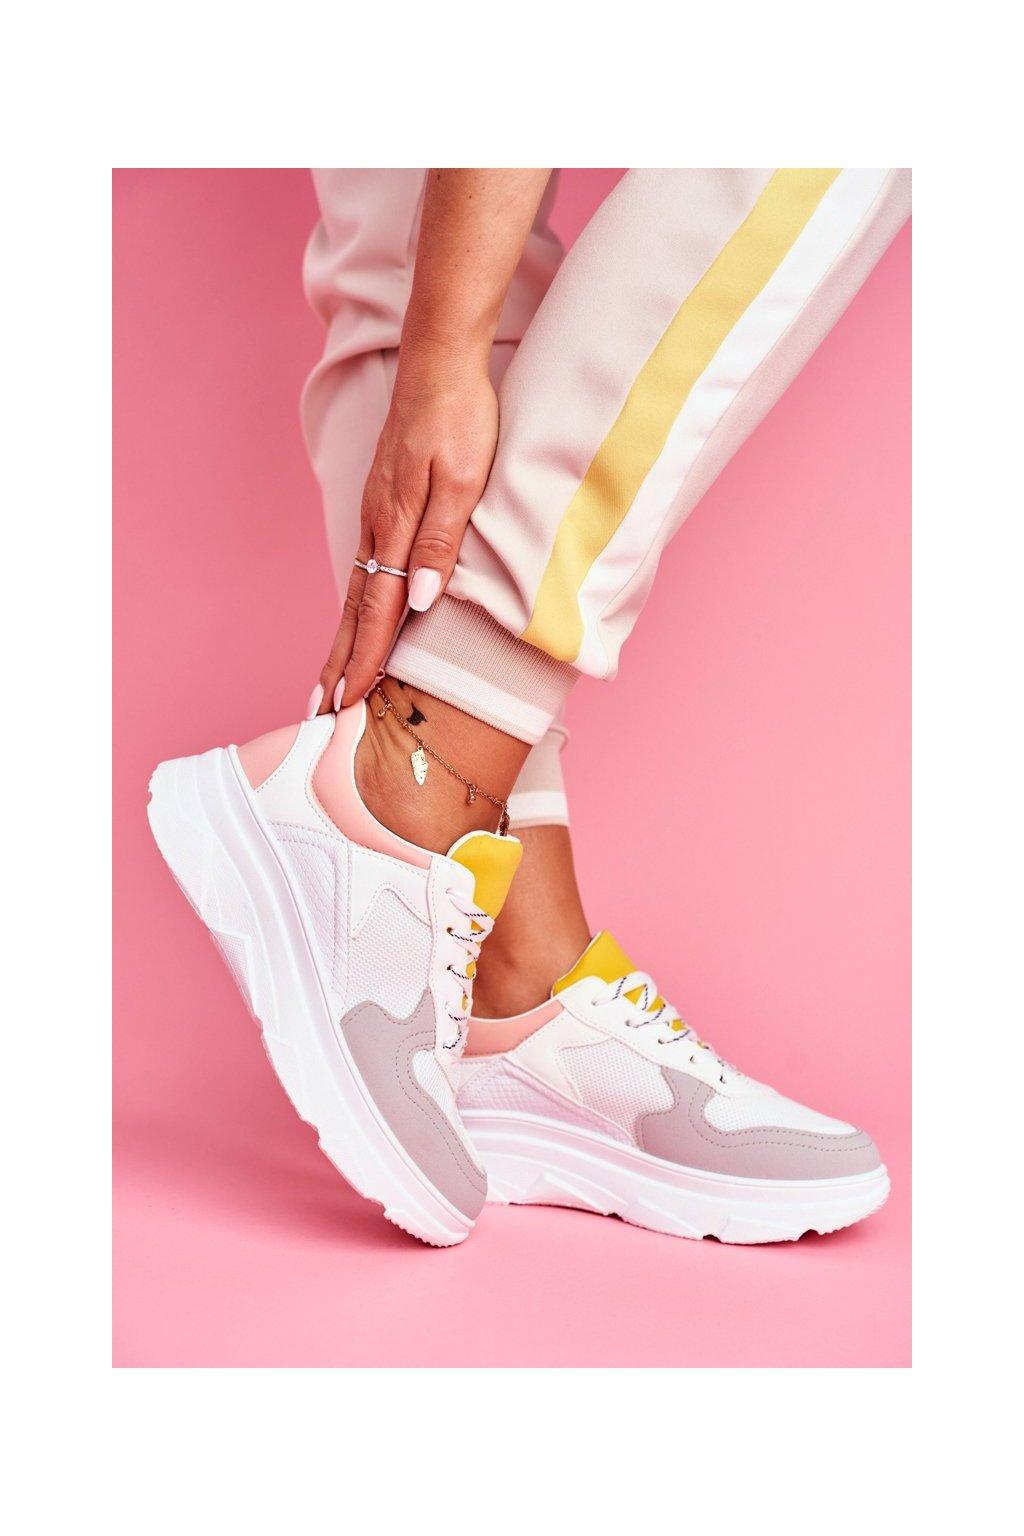 Dámska športová obuv Ružovo-biela Fresno